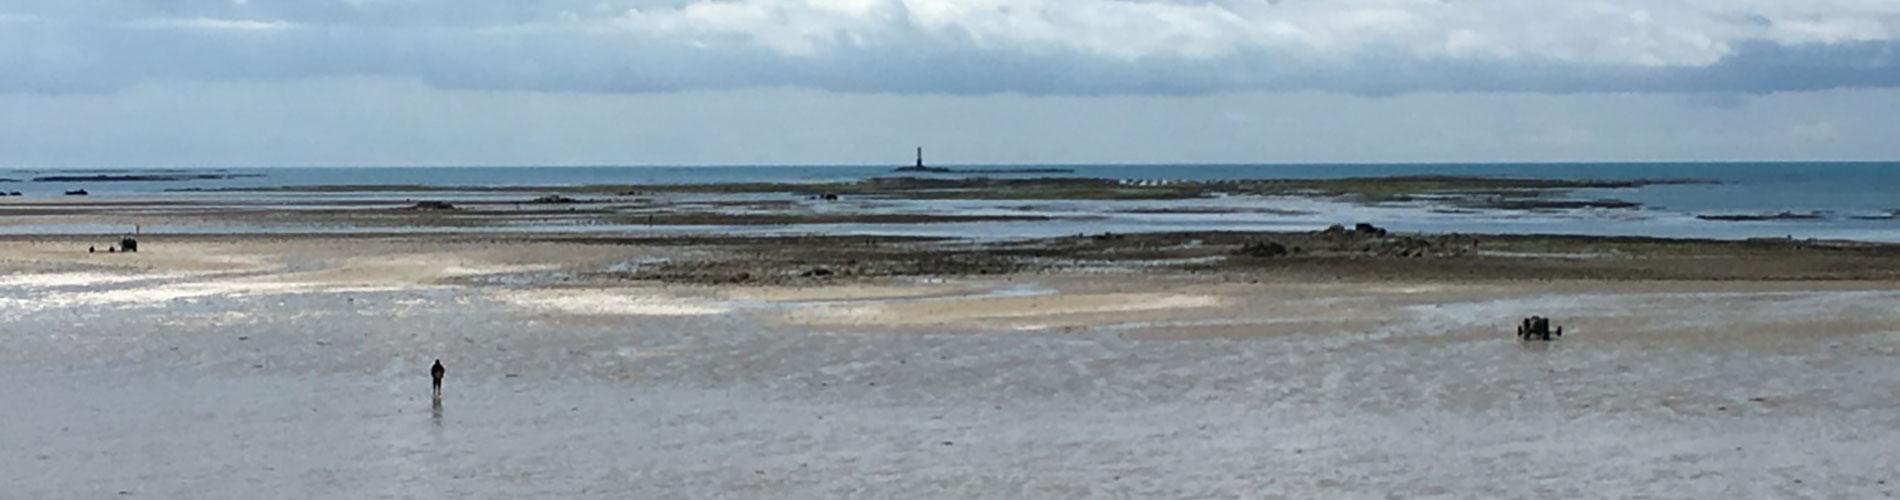 Camping bord de mer manche camping gouville bord de mer for Camping basse normandie bord de mer avec piscine